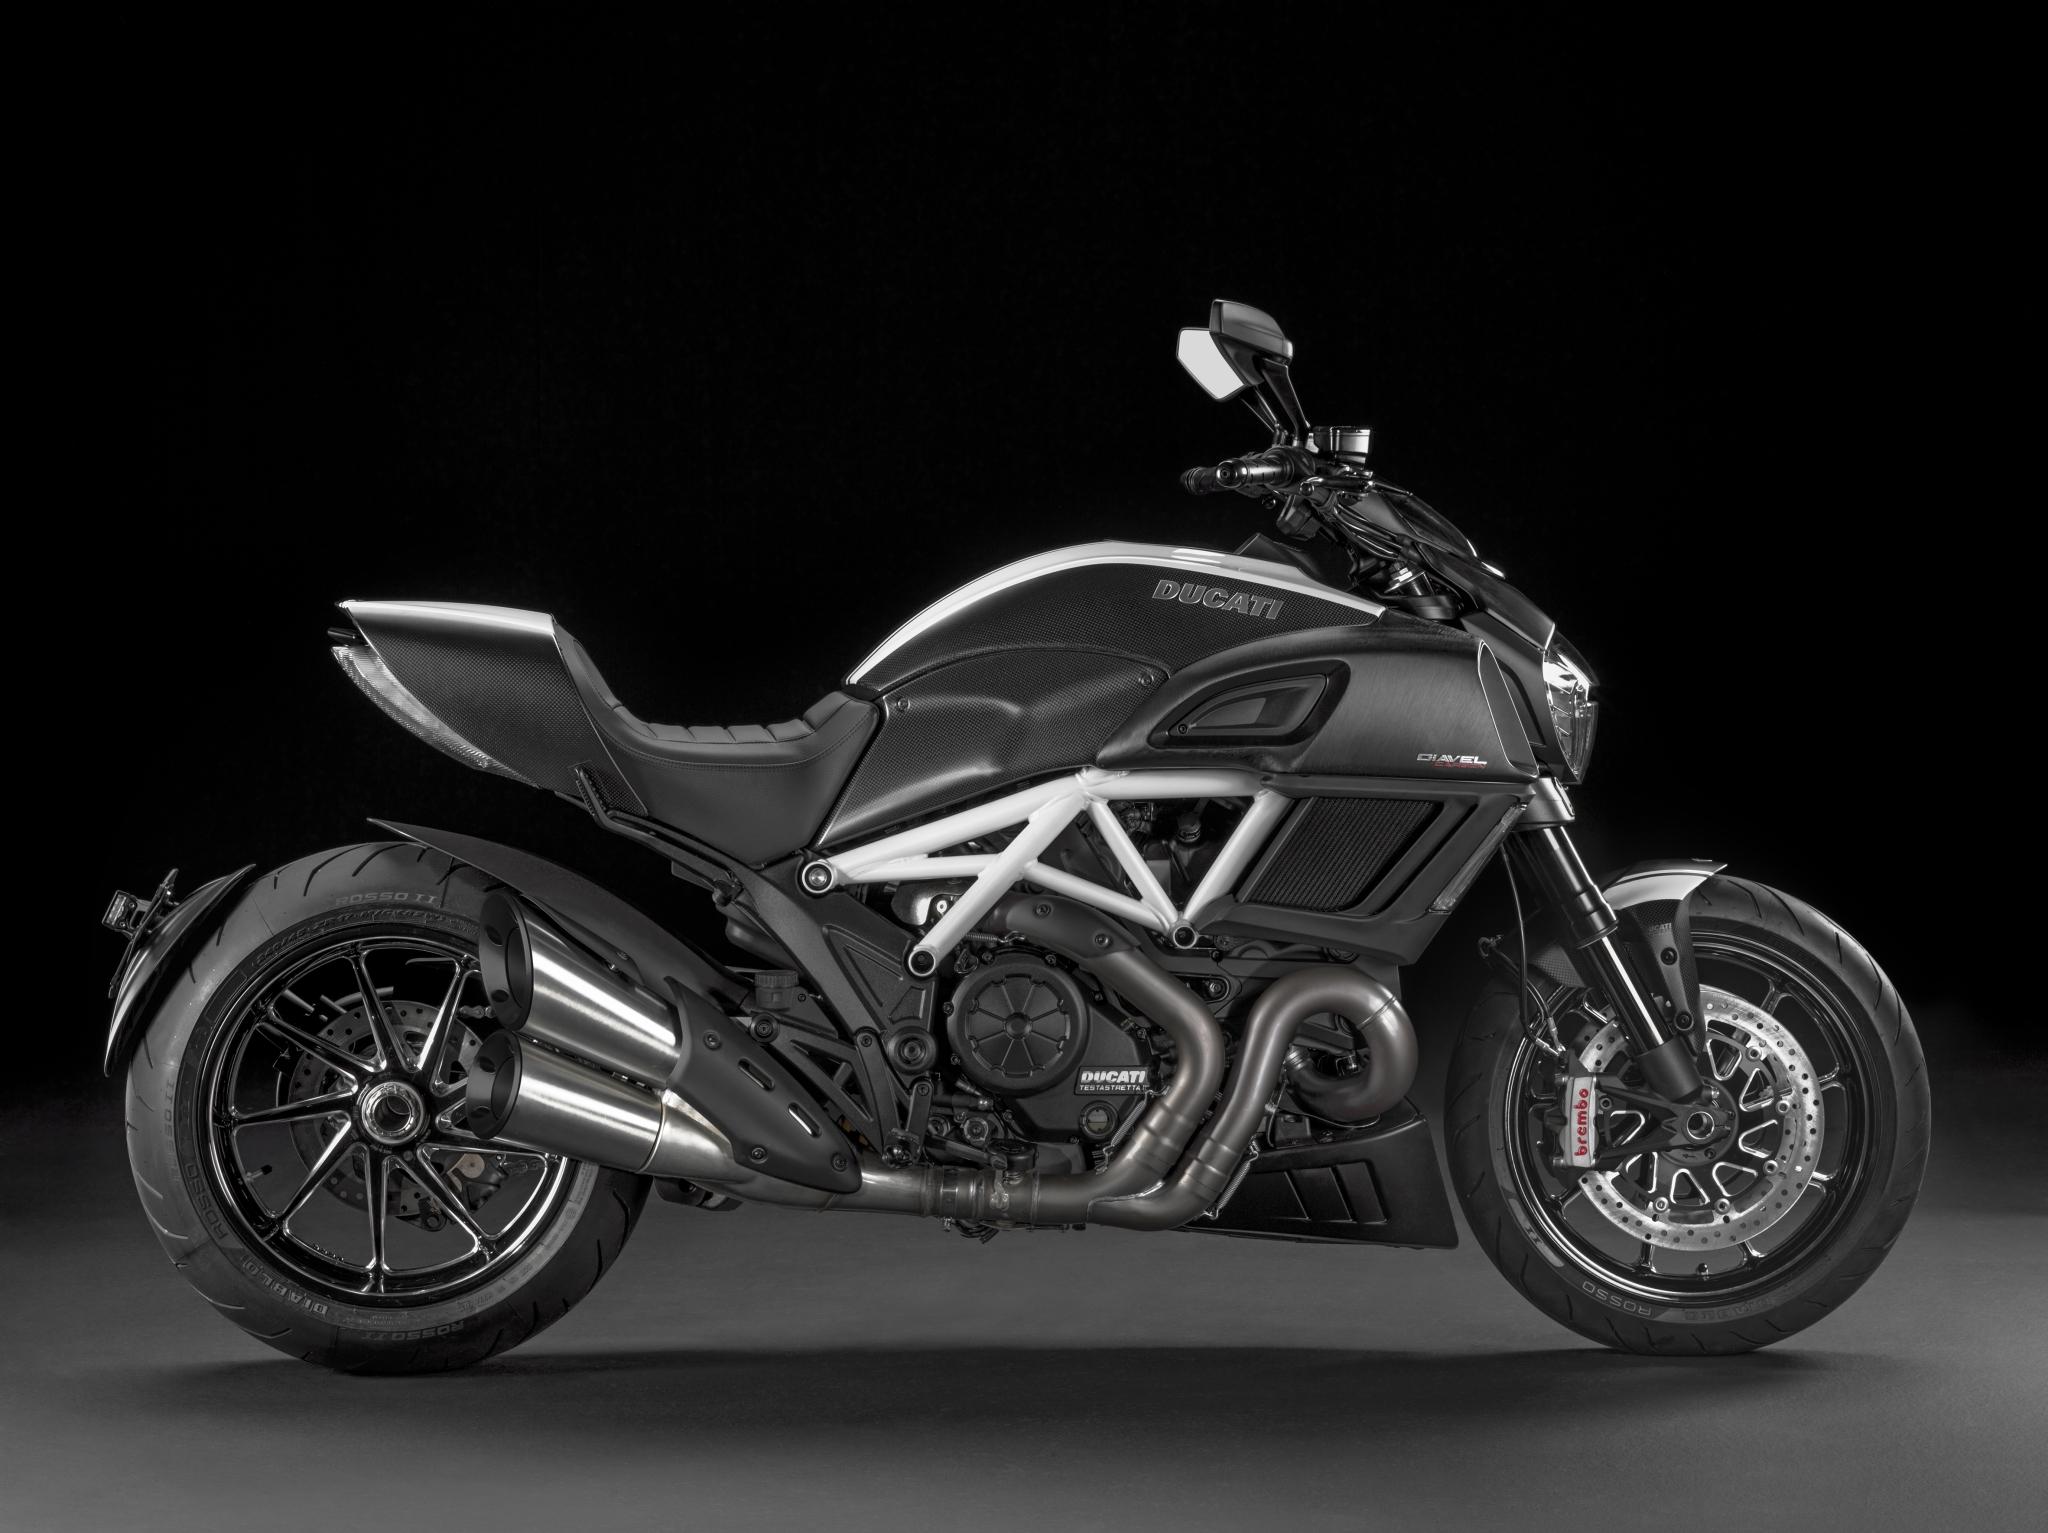 2015 Ducati Diavel Hi Res Picture Galore Autoevolution